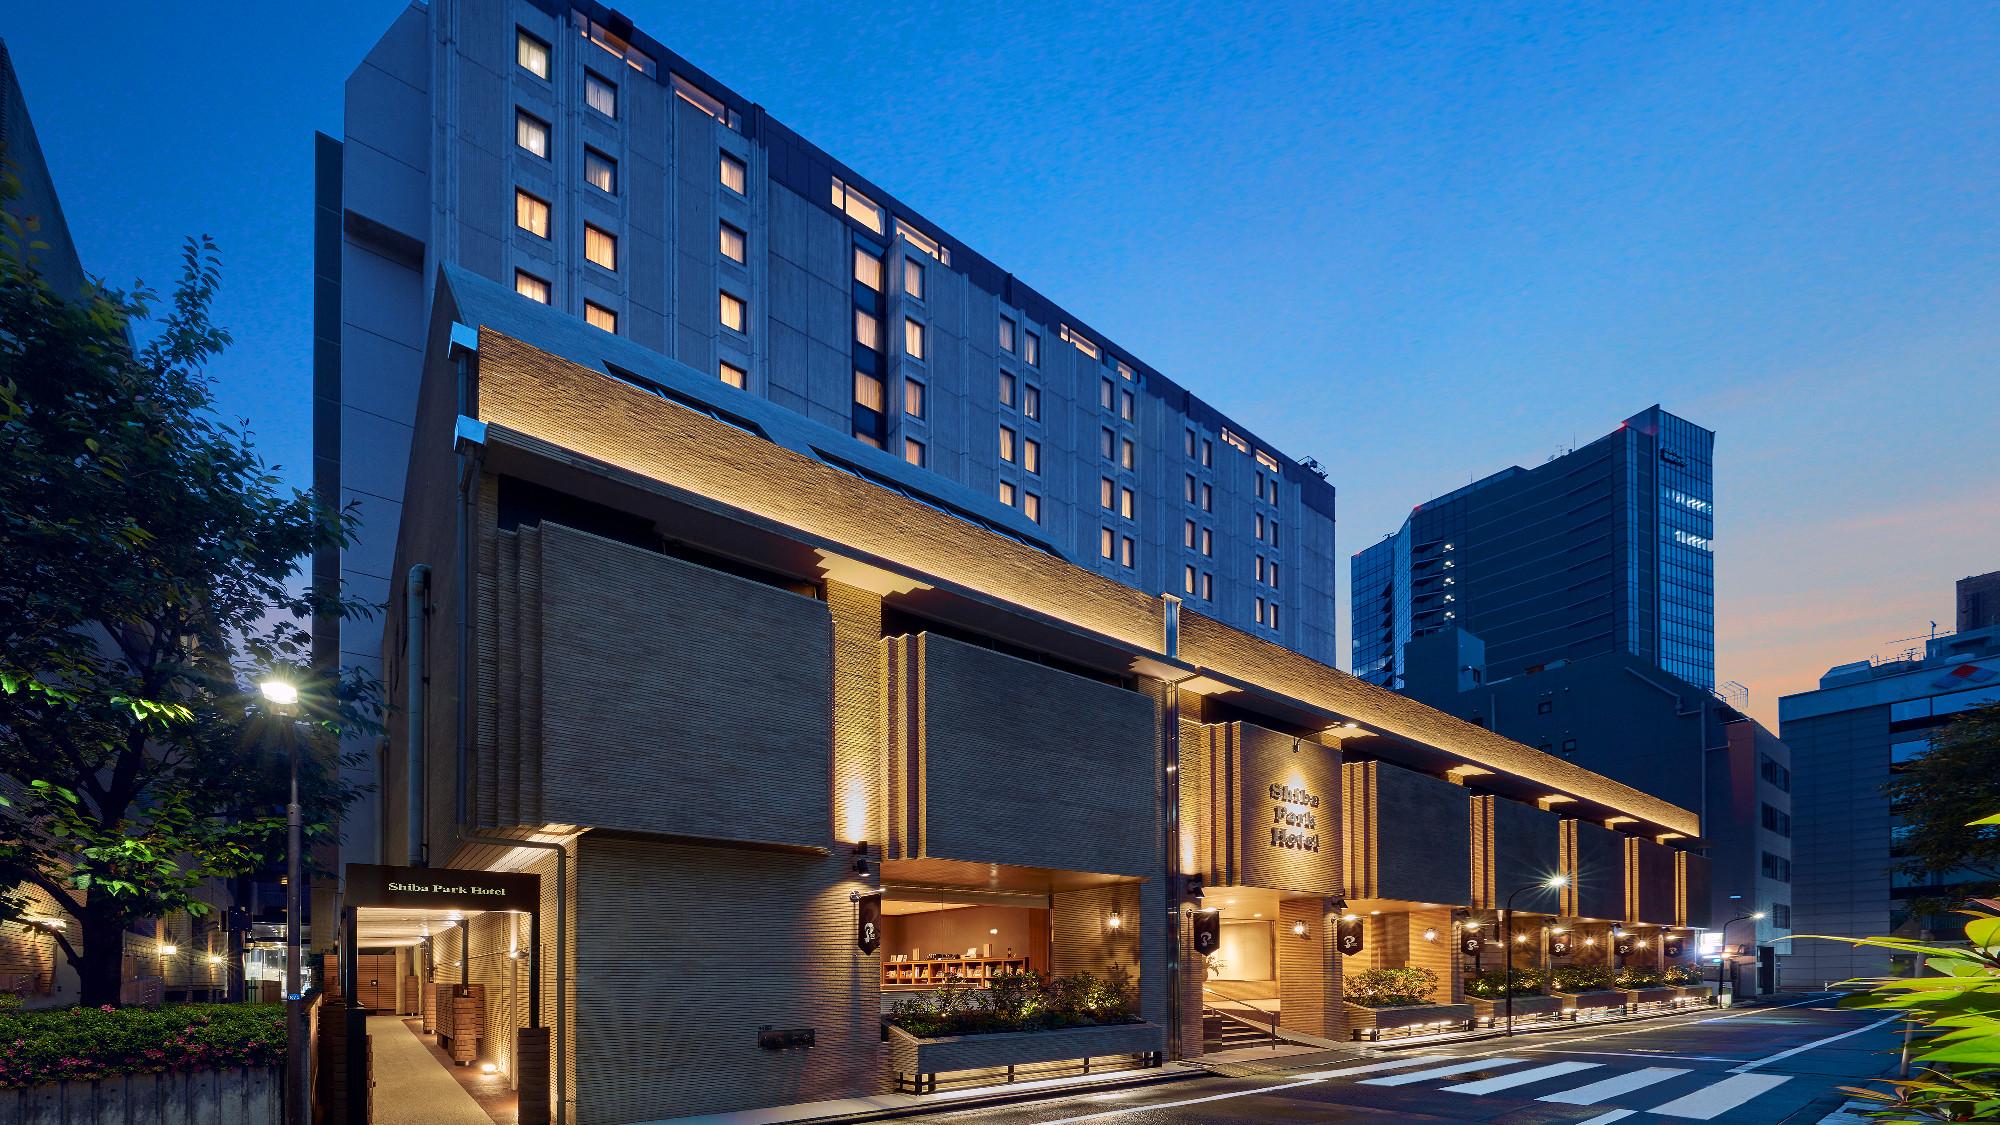 芝パークホテル image